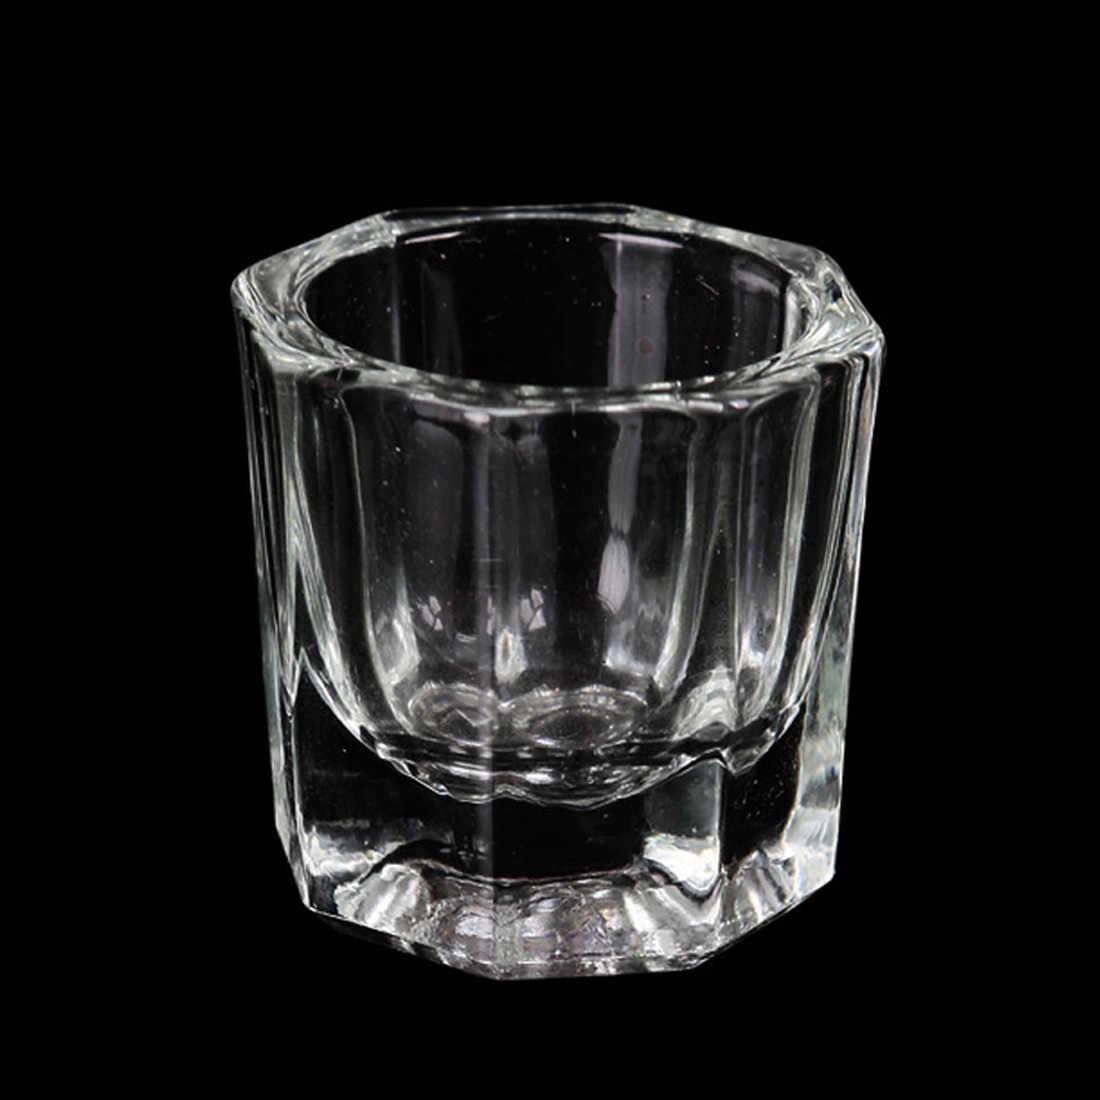 جديد وصول مسمار أدوات الكريستال مسمار الزجاج مثمنة كوب كريستال نظارات السائل كوب مسمار أدوات الرسم